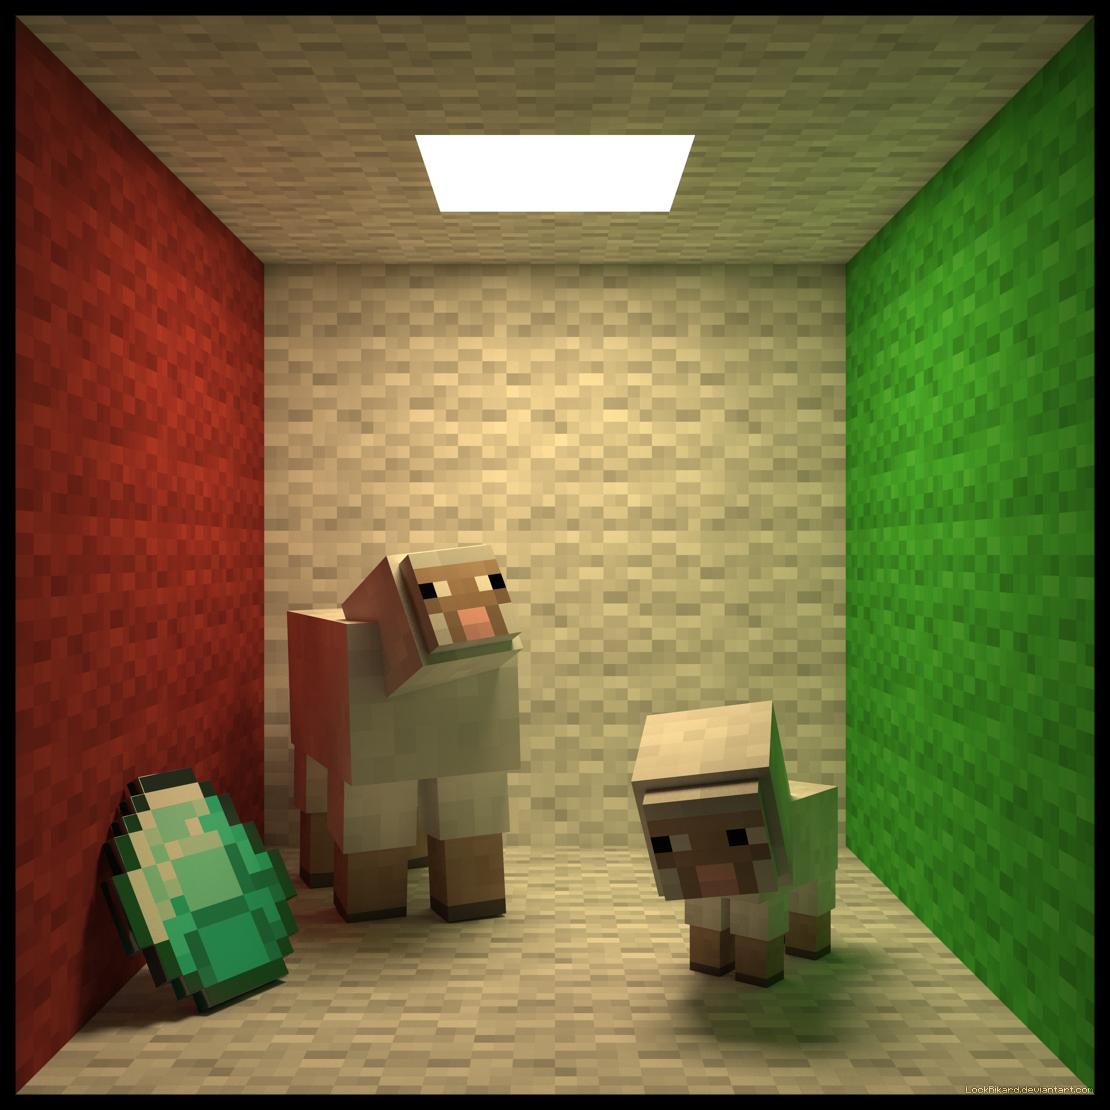 Minecraft Cornell Box by LockRikard